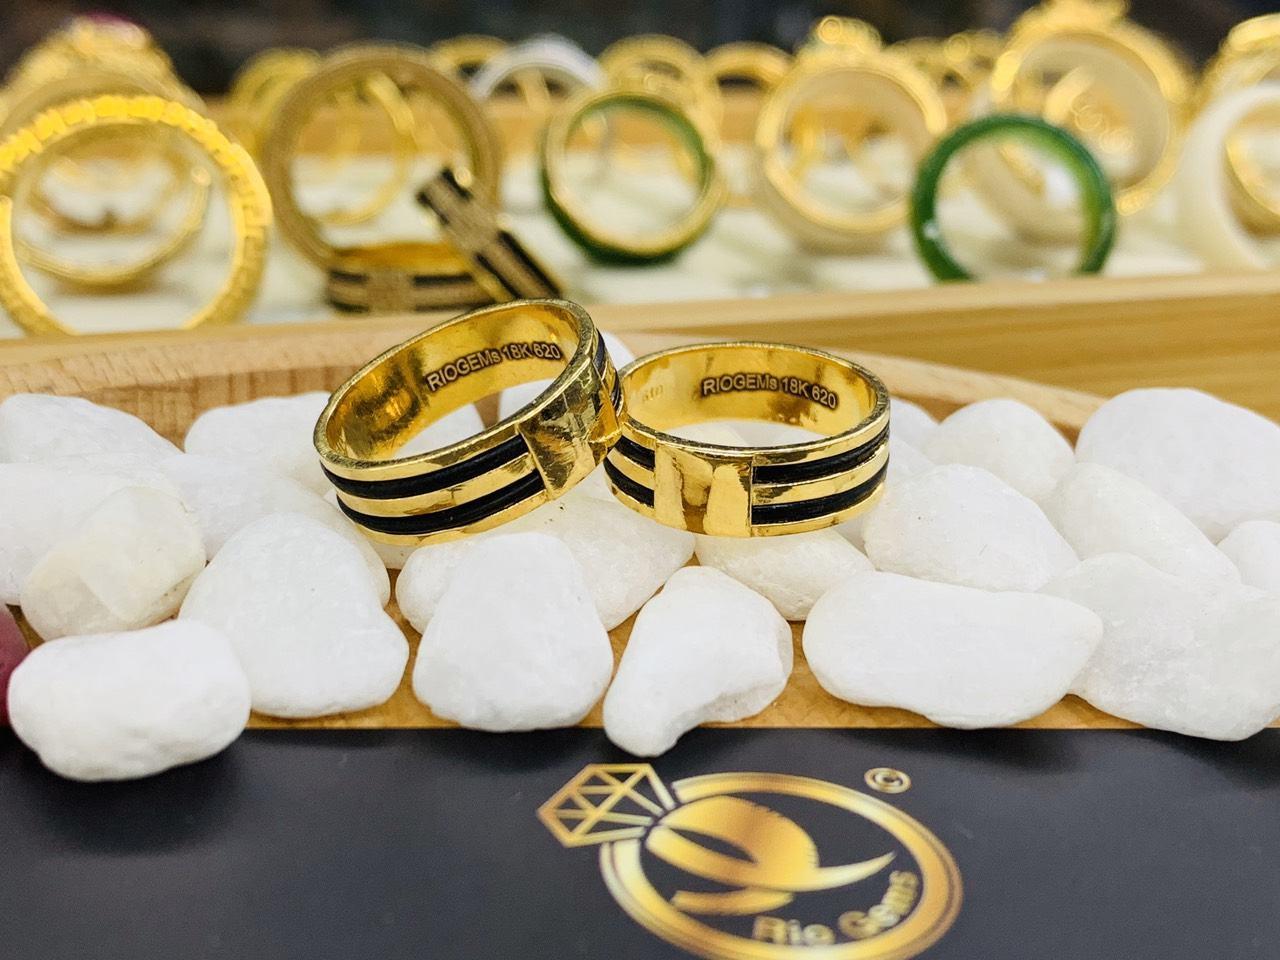 Cặp nhẫn vàng 18K khắc tên MIỄN PHÍ Riogems